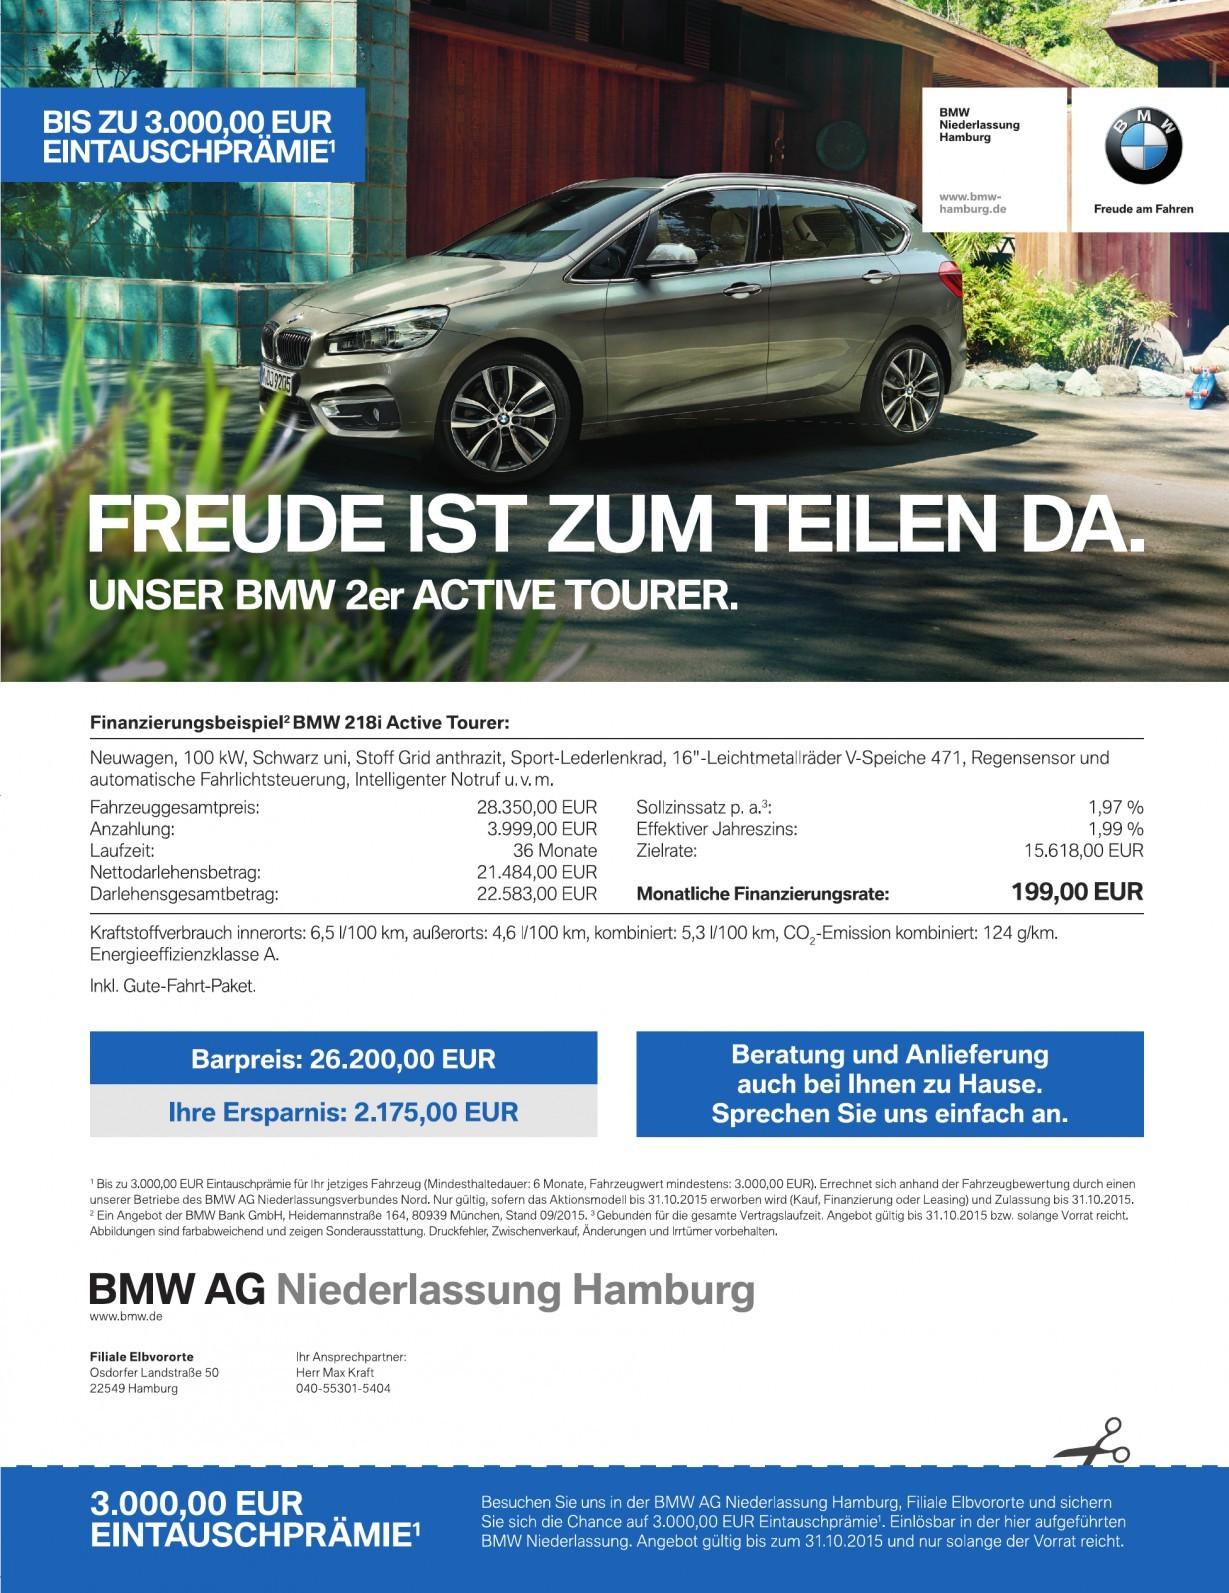 BMW AG Niederlassung Hamburg